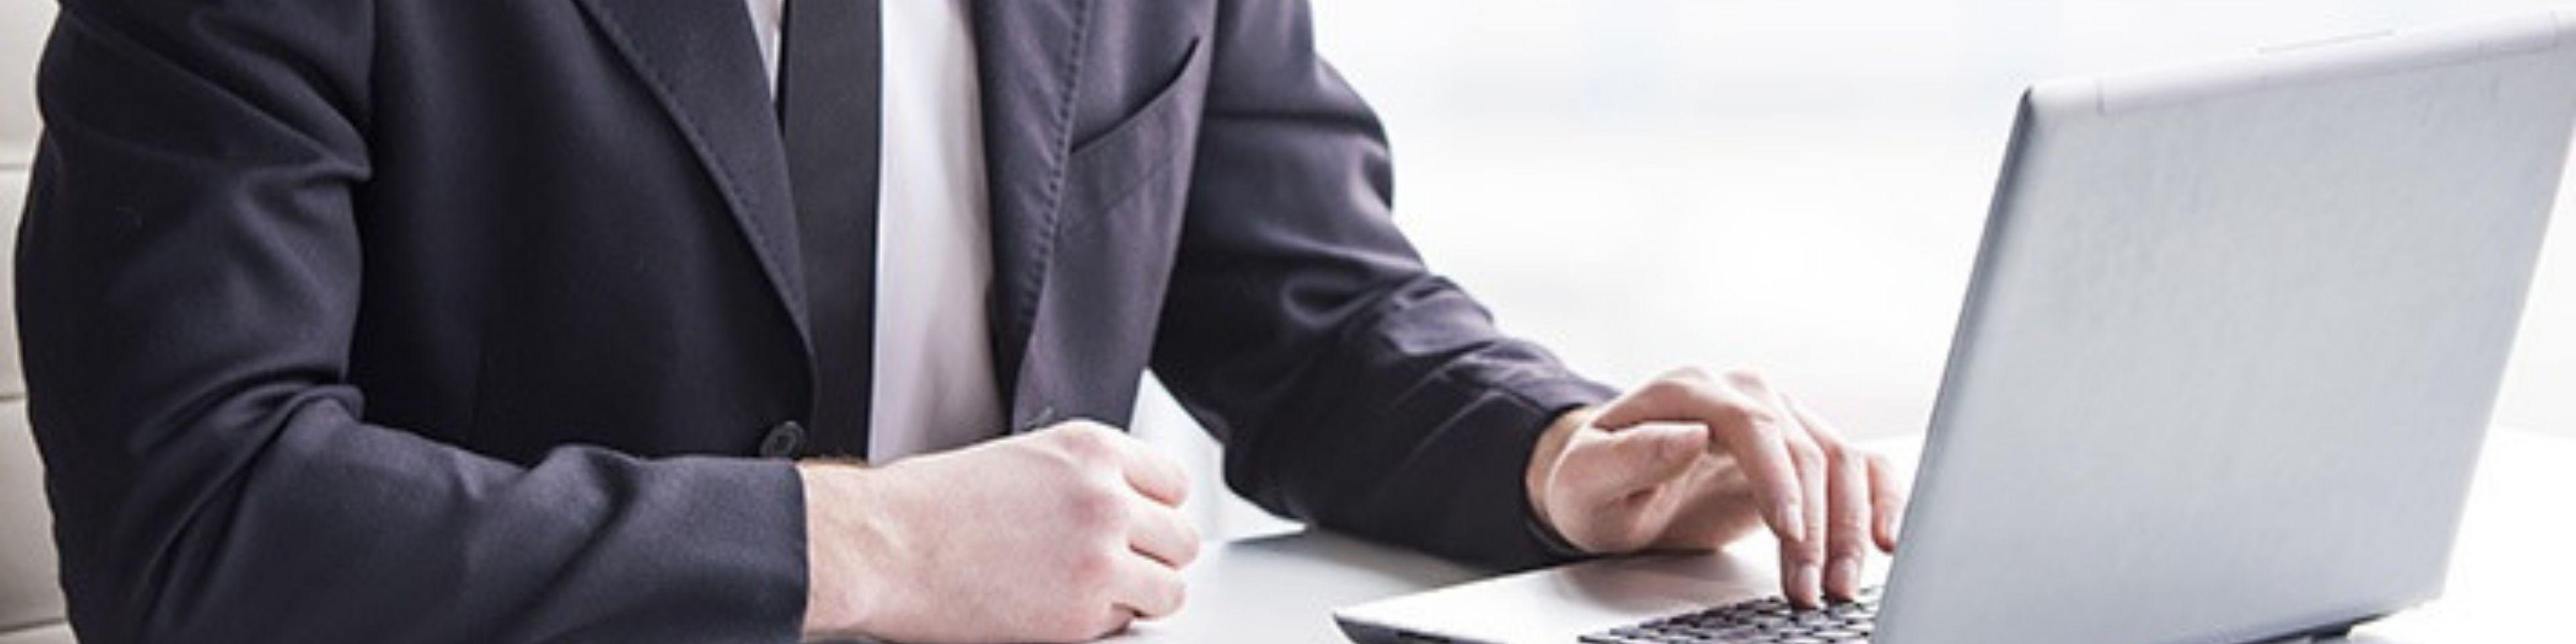 Legisway-successful compliance programs-2x